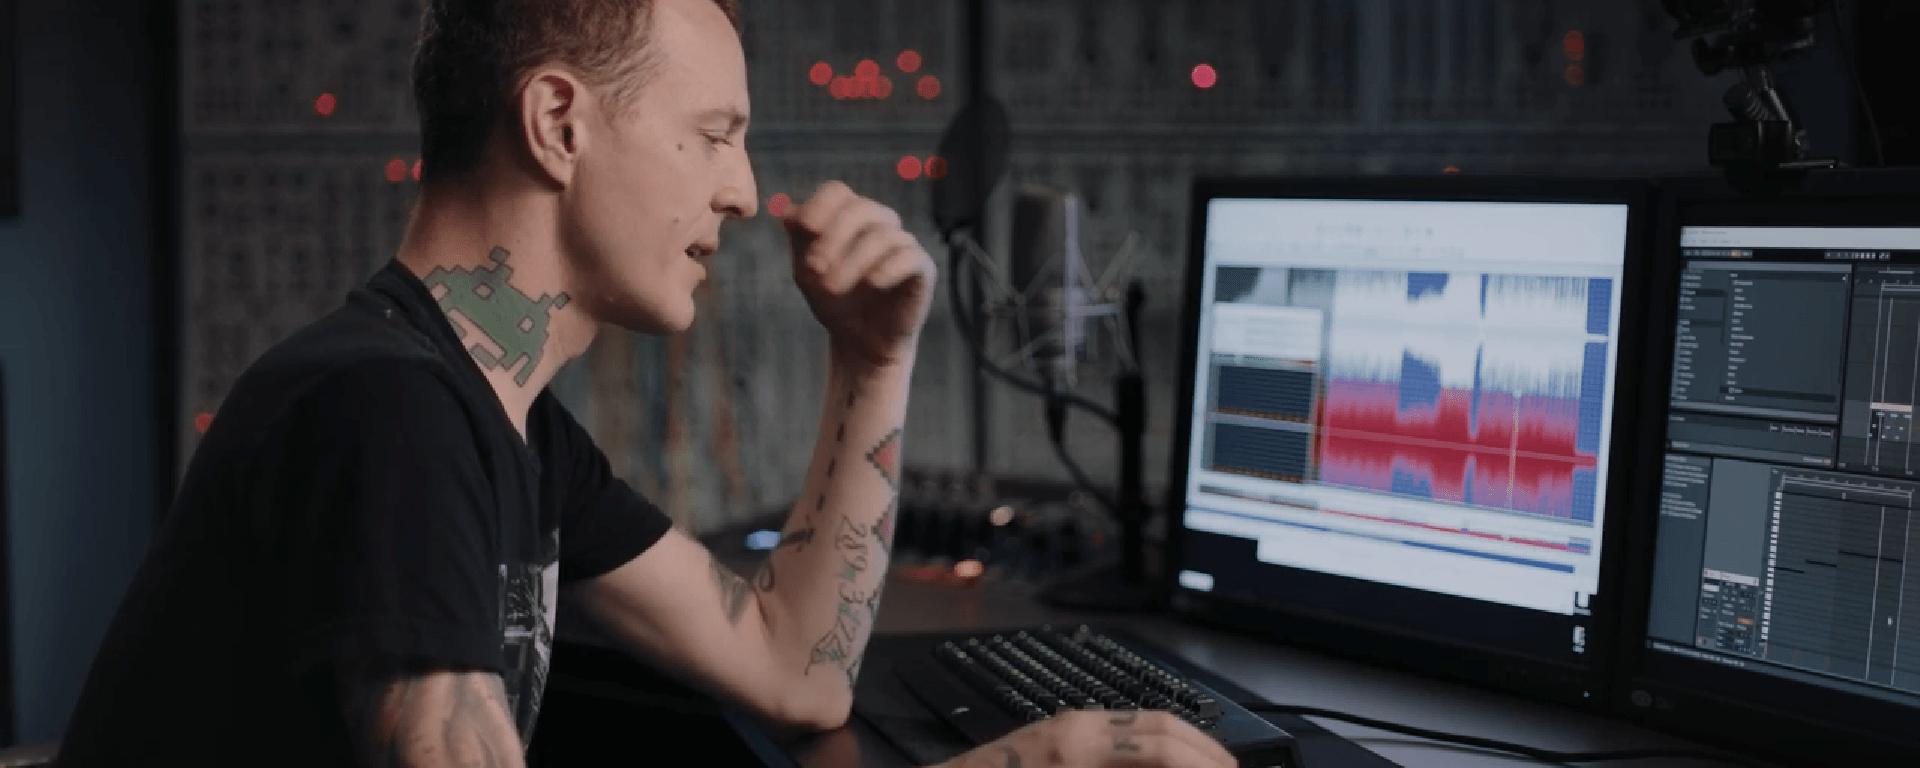 deadmau5 MasterClass Review: The ultimate EDM online course?